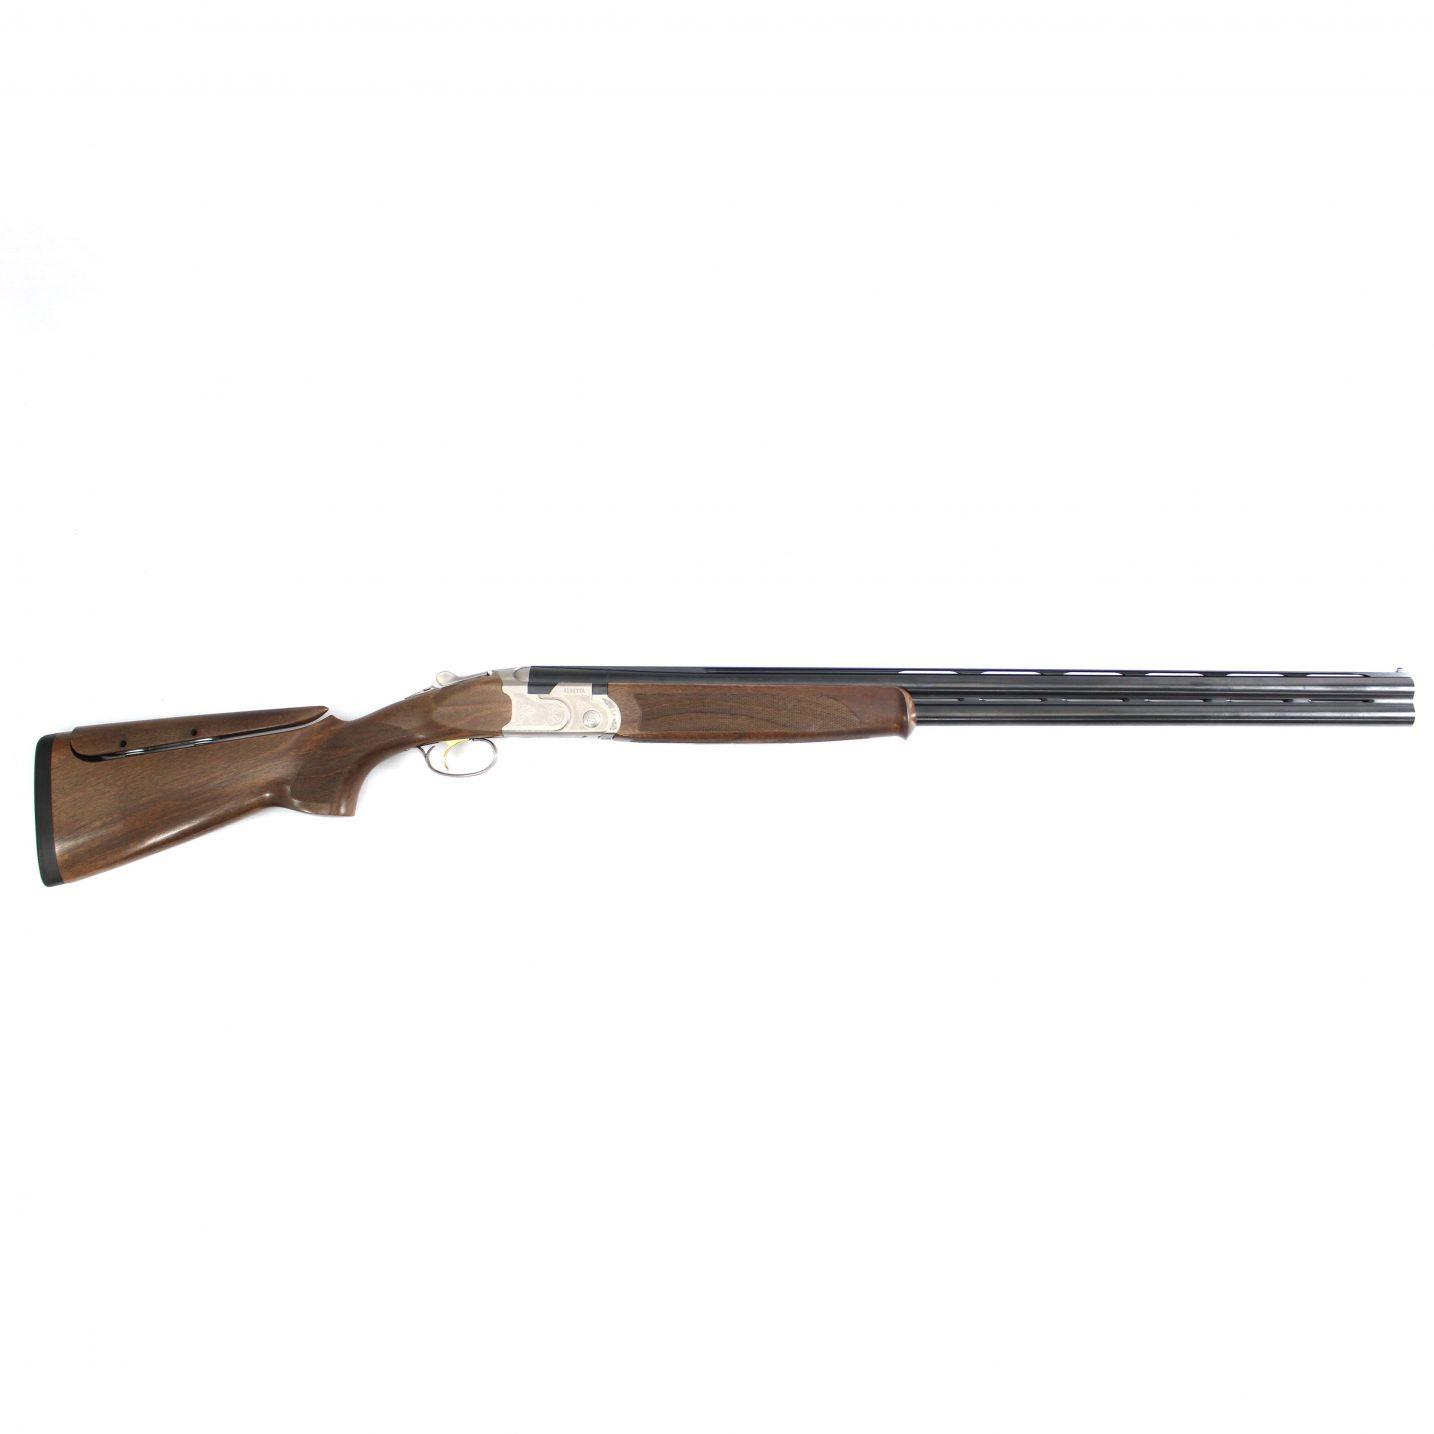 Beretta 686 Silver Pigeon I Sporting B Fast Adjustable Comb 20Gax3